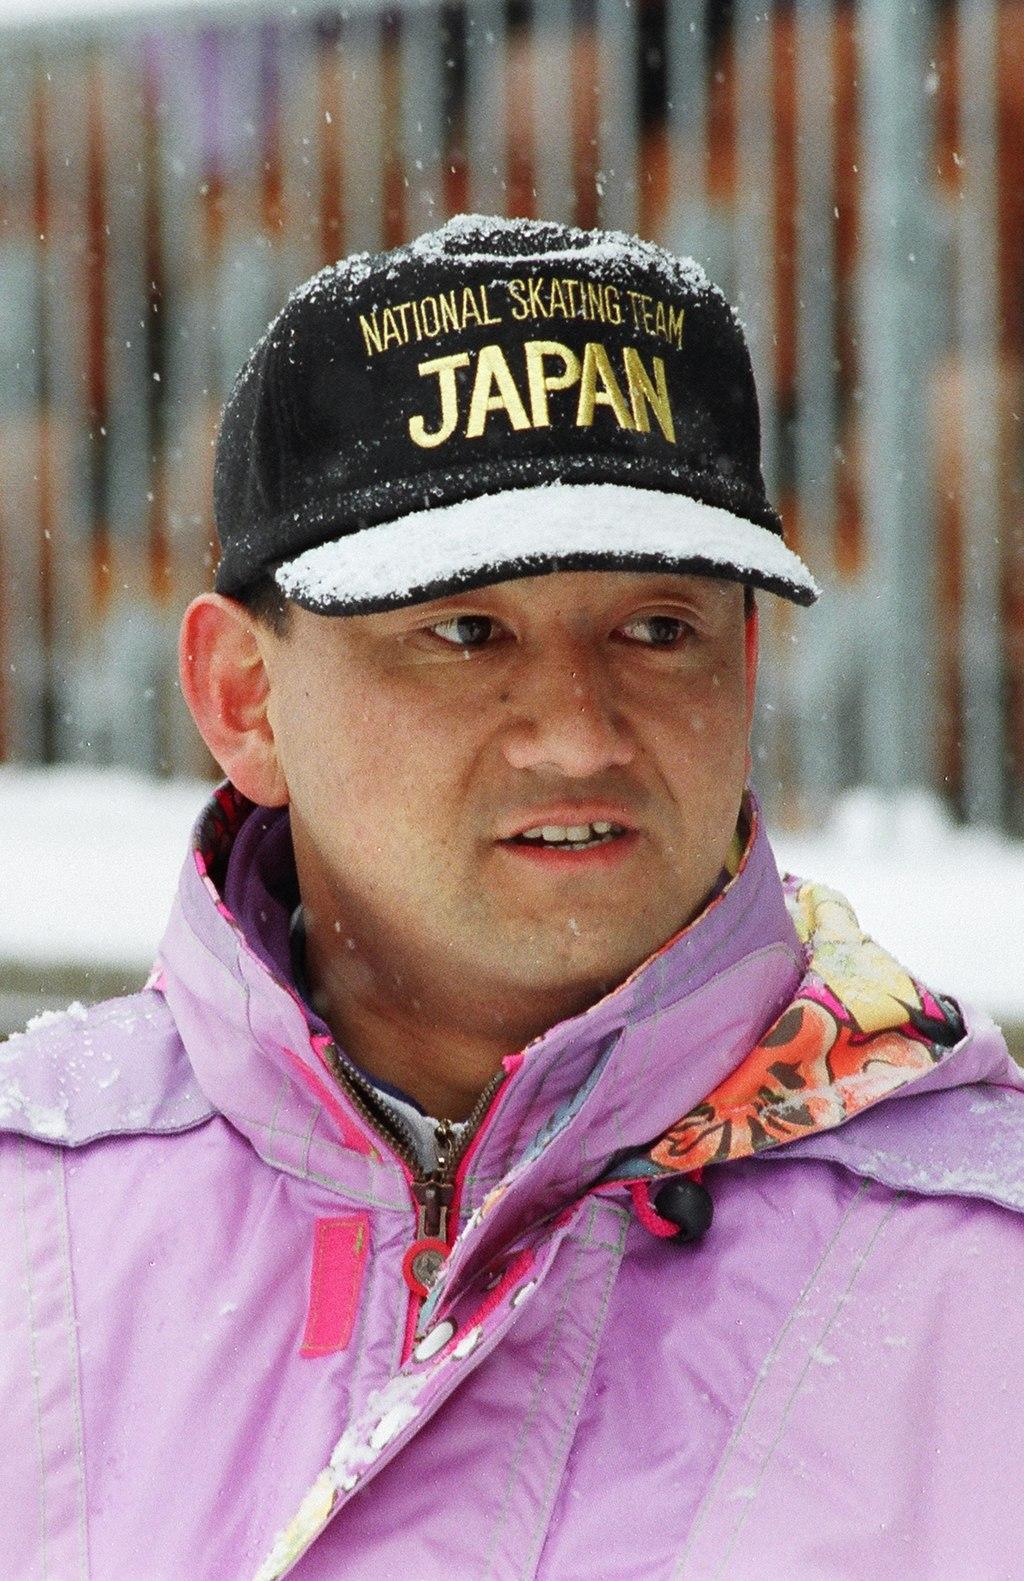 黒岩 彰(Akira Kuroiwa)Wikipediaより